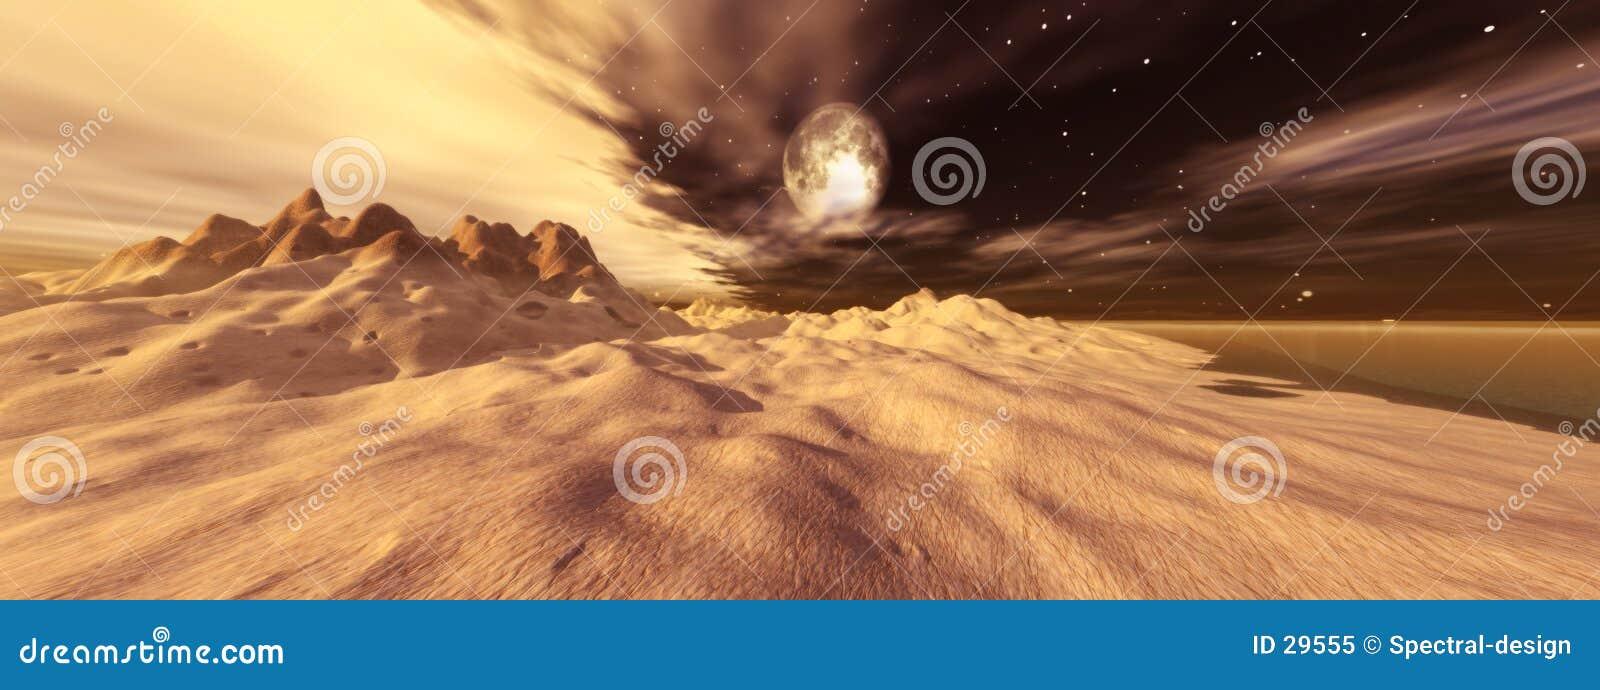 Tusken Mond